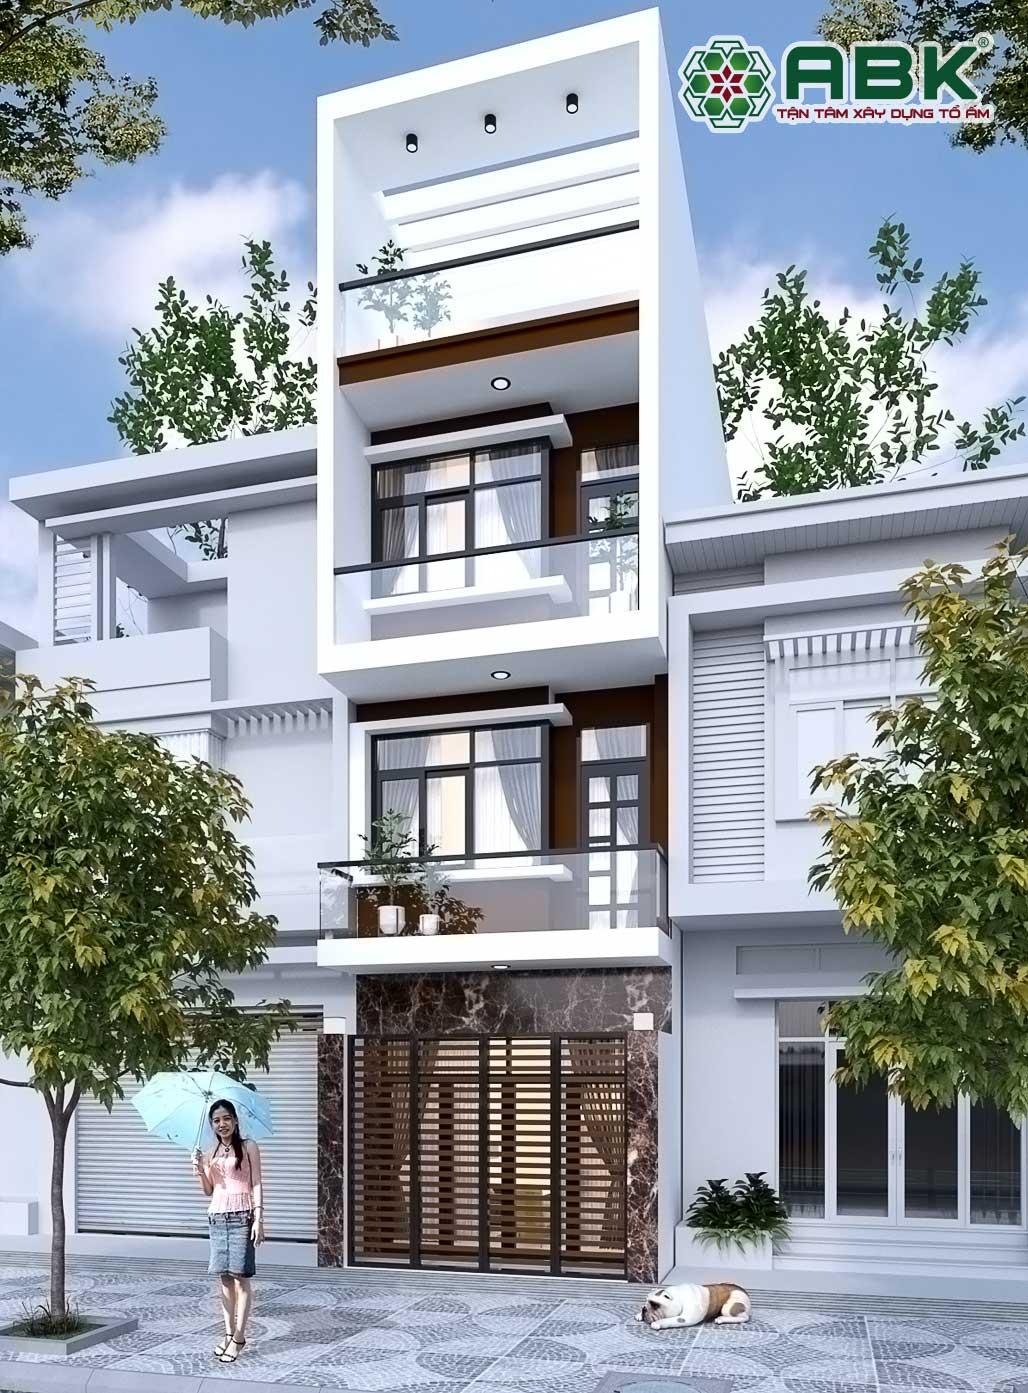 Chi phí xây dựng nhà 3 tầng